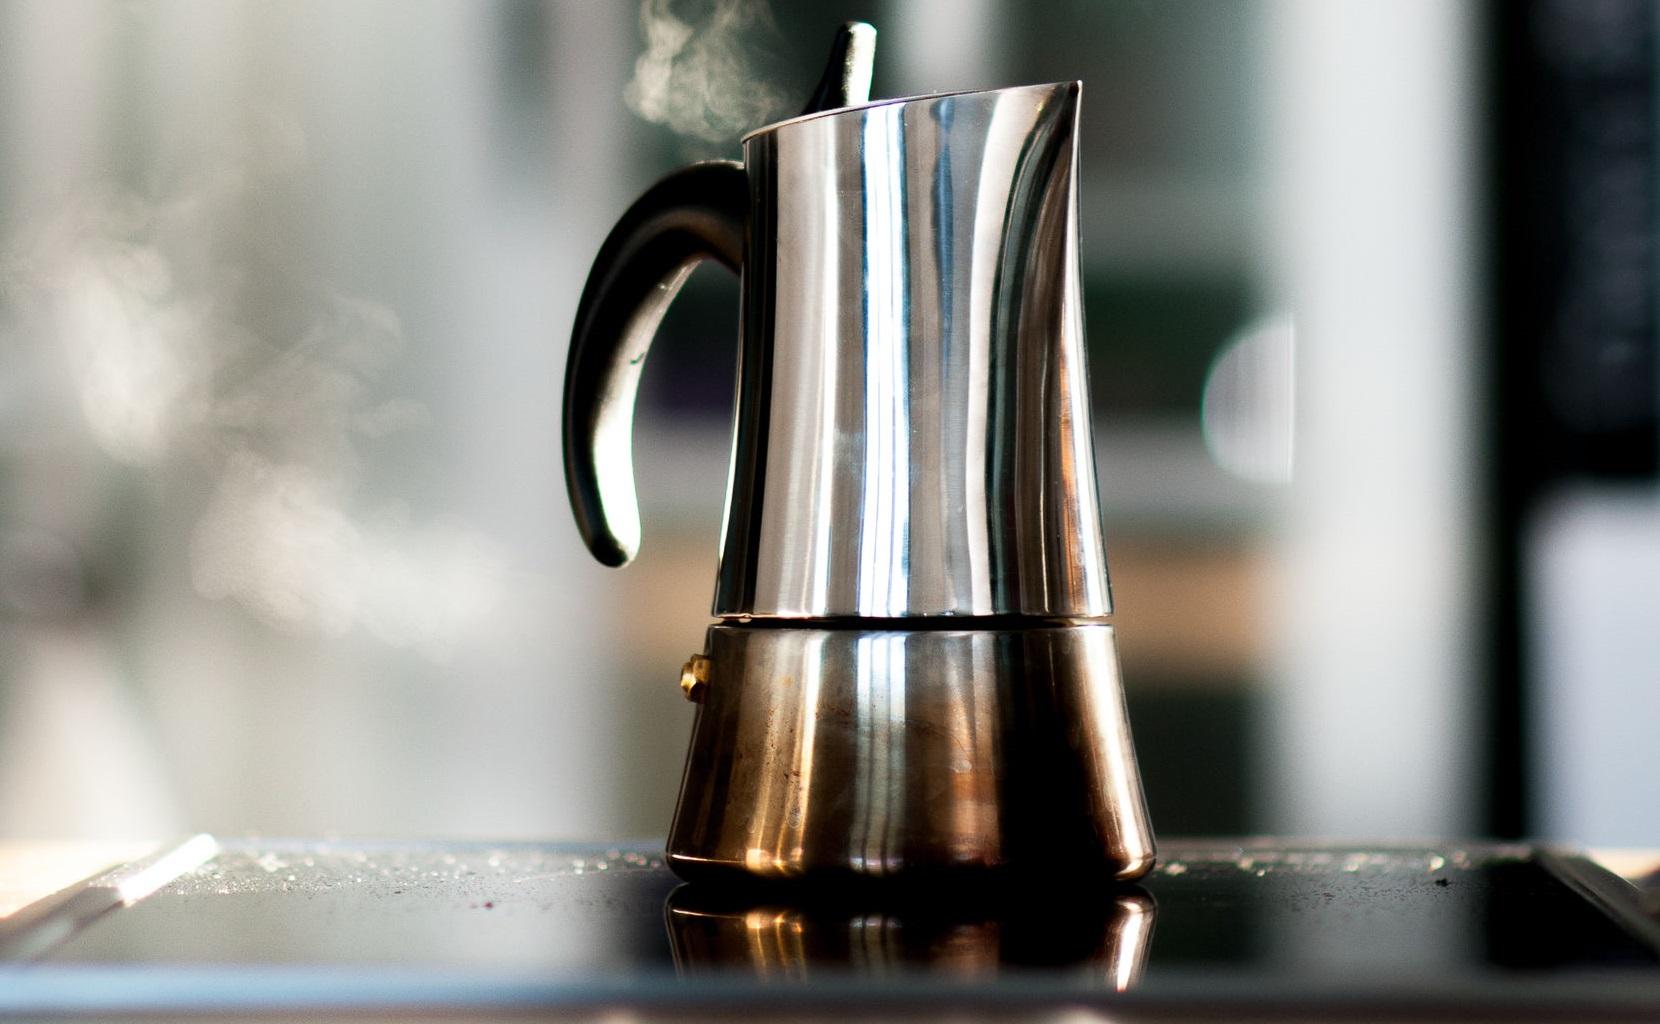 Cafetera italiana para inducción: ¿Cuál es la mejor del 2020?